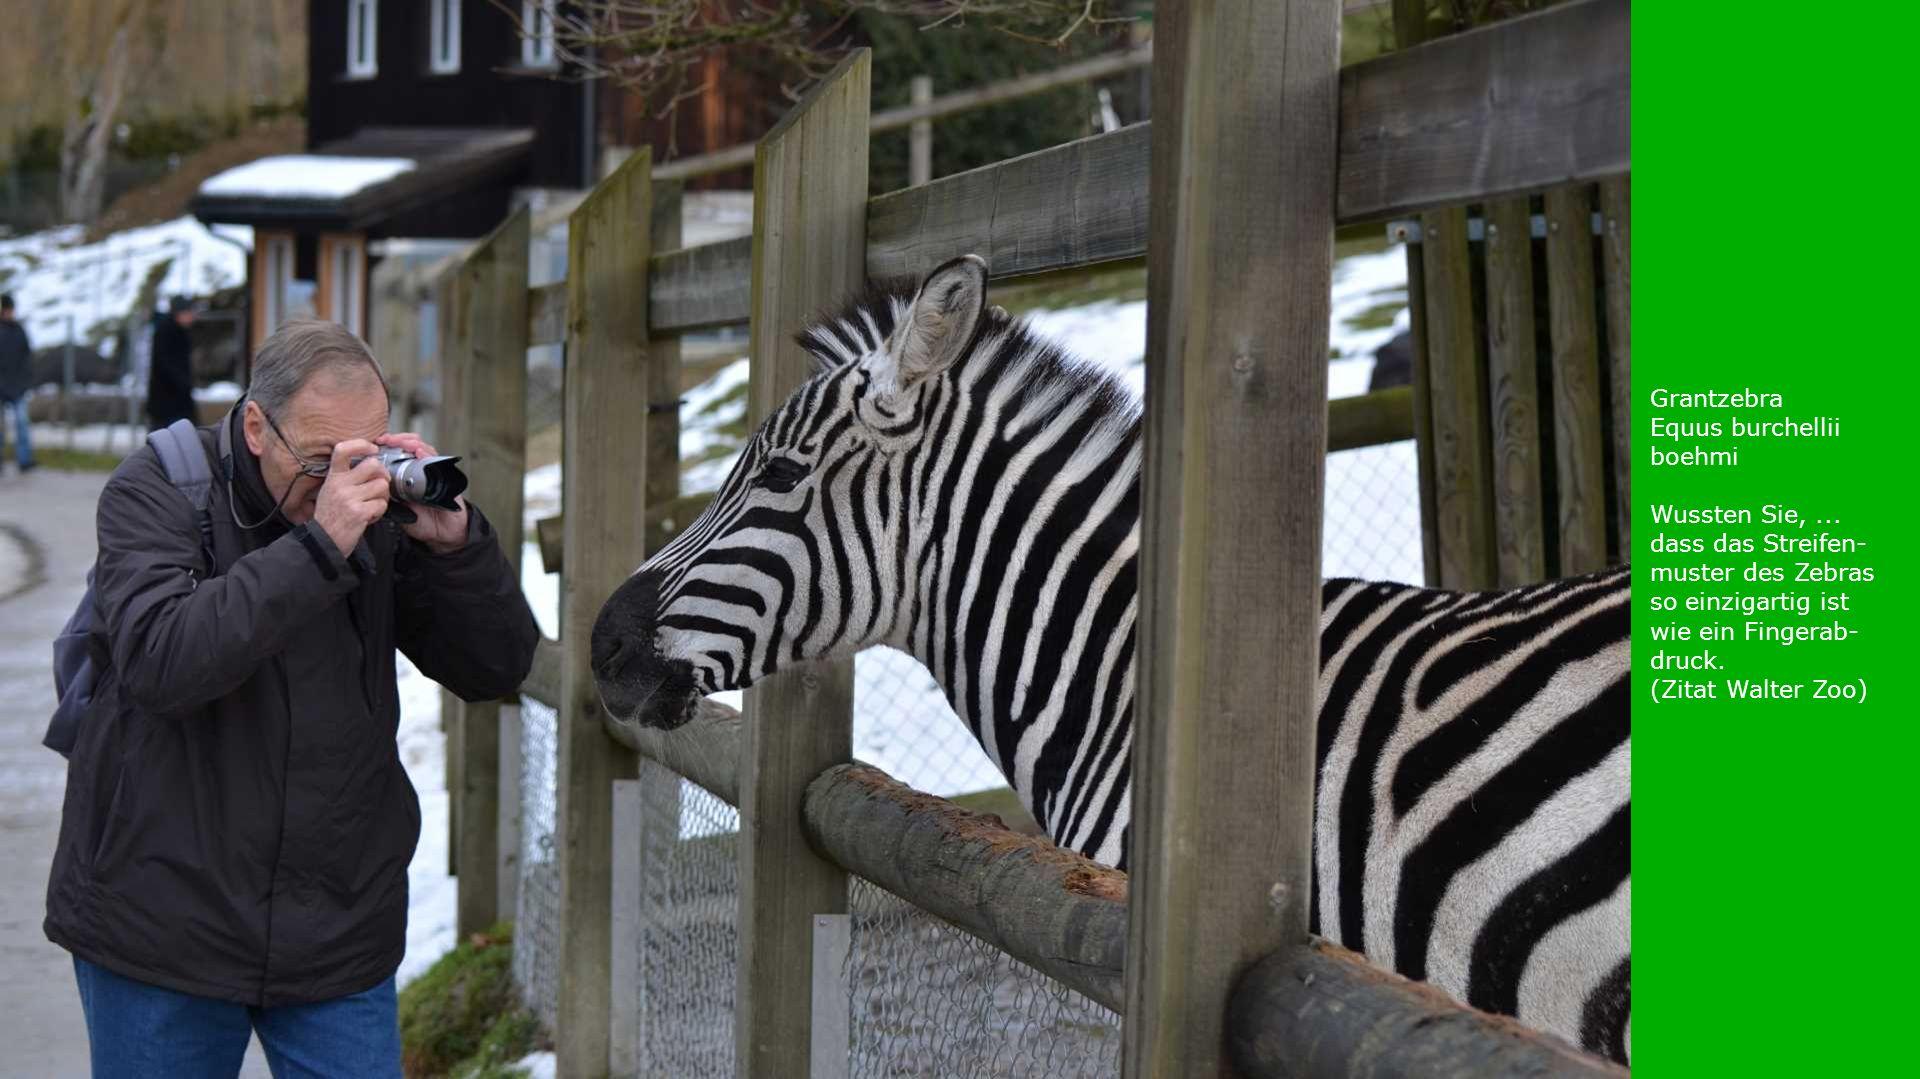 Grantzebra Equus burchellii boehmi. Wussten Sie, ... dass das Streifen-muster des Zebras so einzigartig ist wie ein Fingerab-druck.